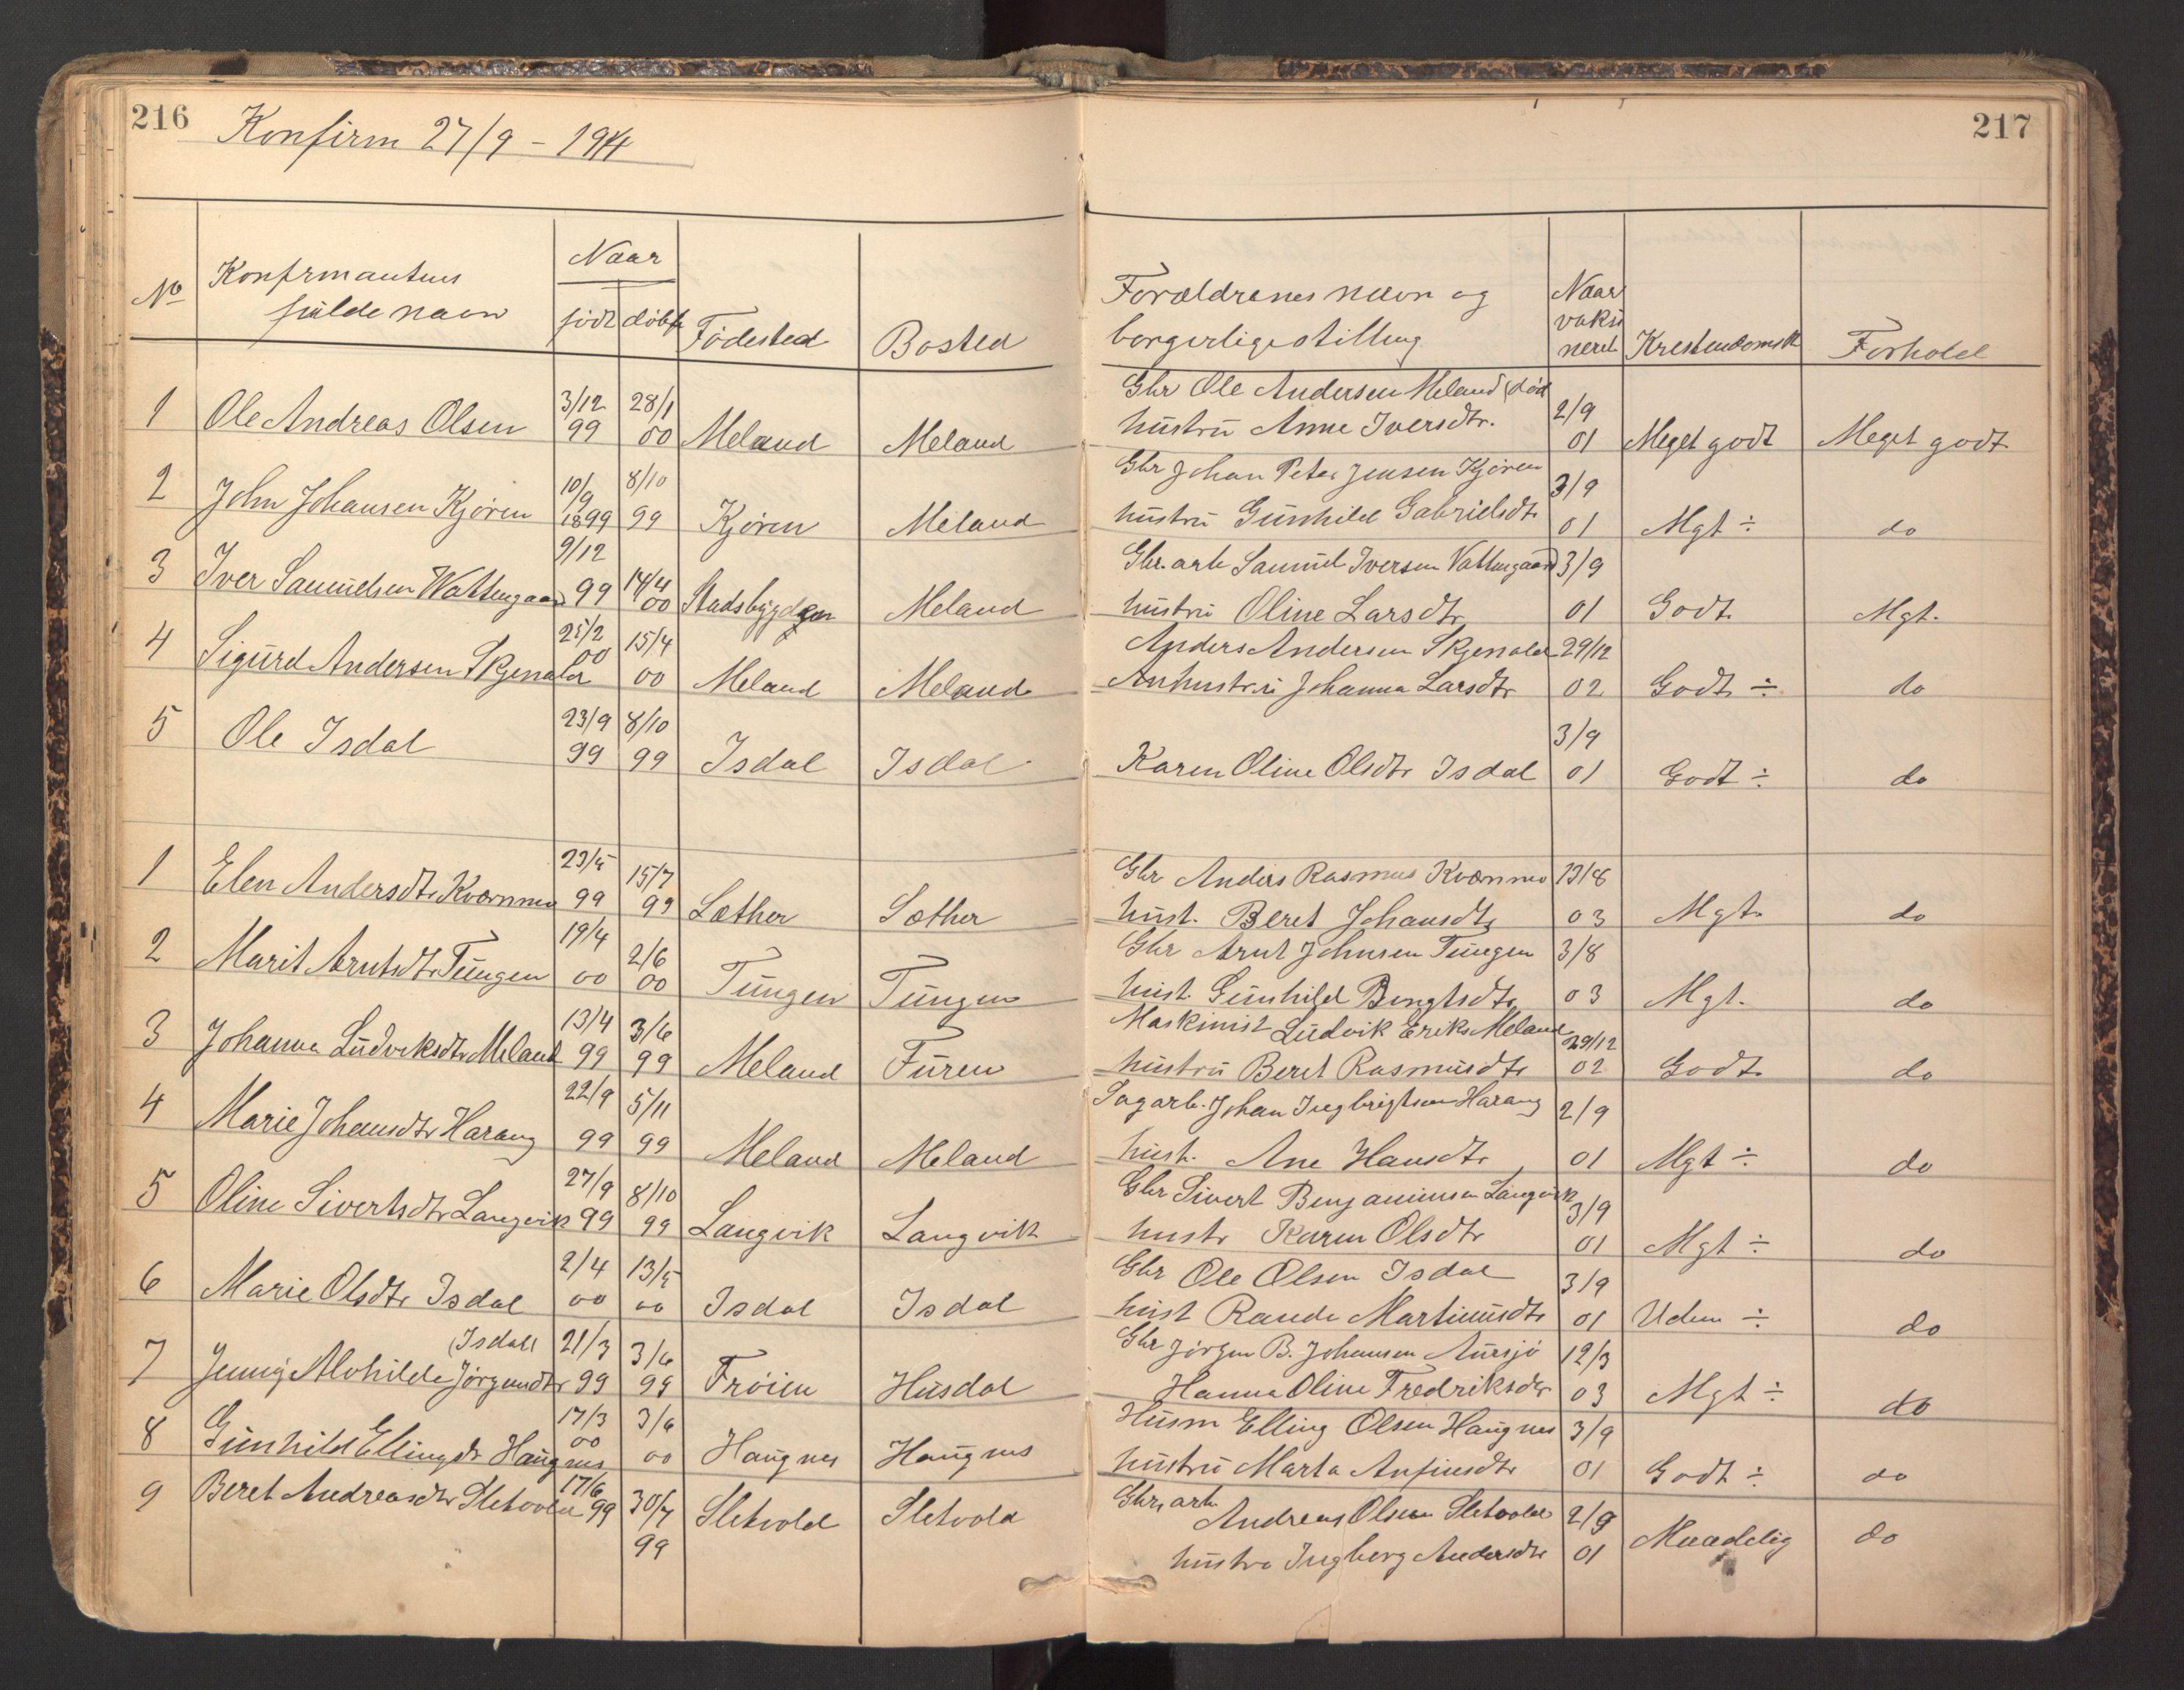 SAT, Ministerialprotokoller, klokkerbøker og fødselsregistre - Sør-Trøndelag, 670/L0837: Klokkerbok nr. 670C01, 1905-1946, s. 216-217